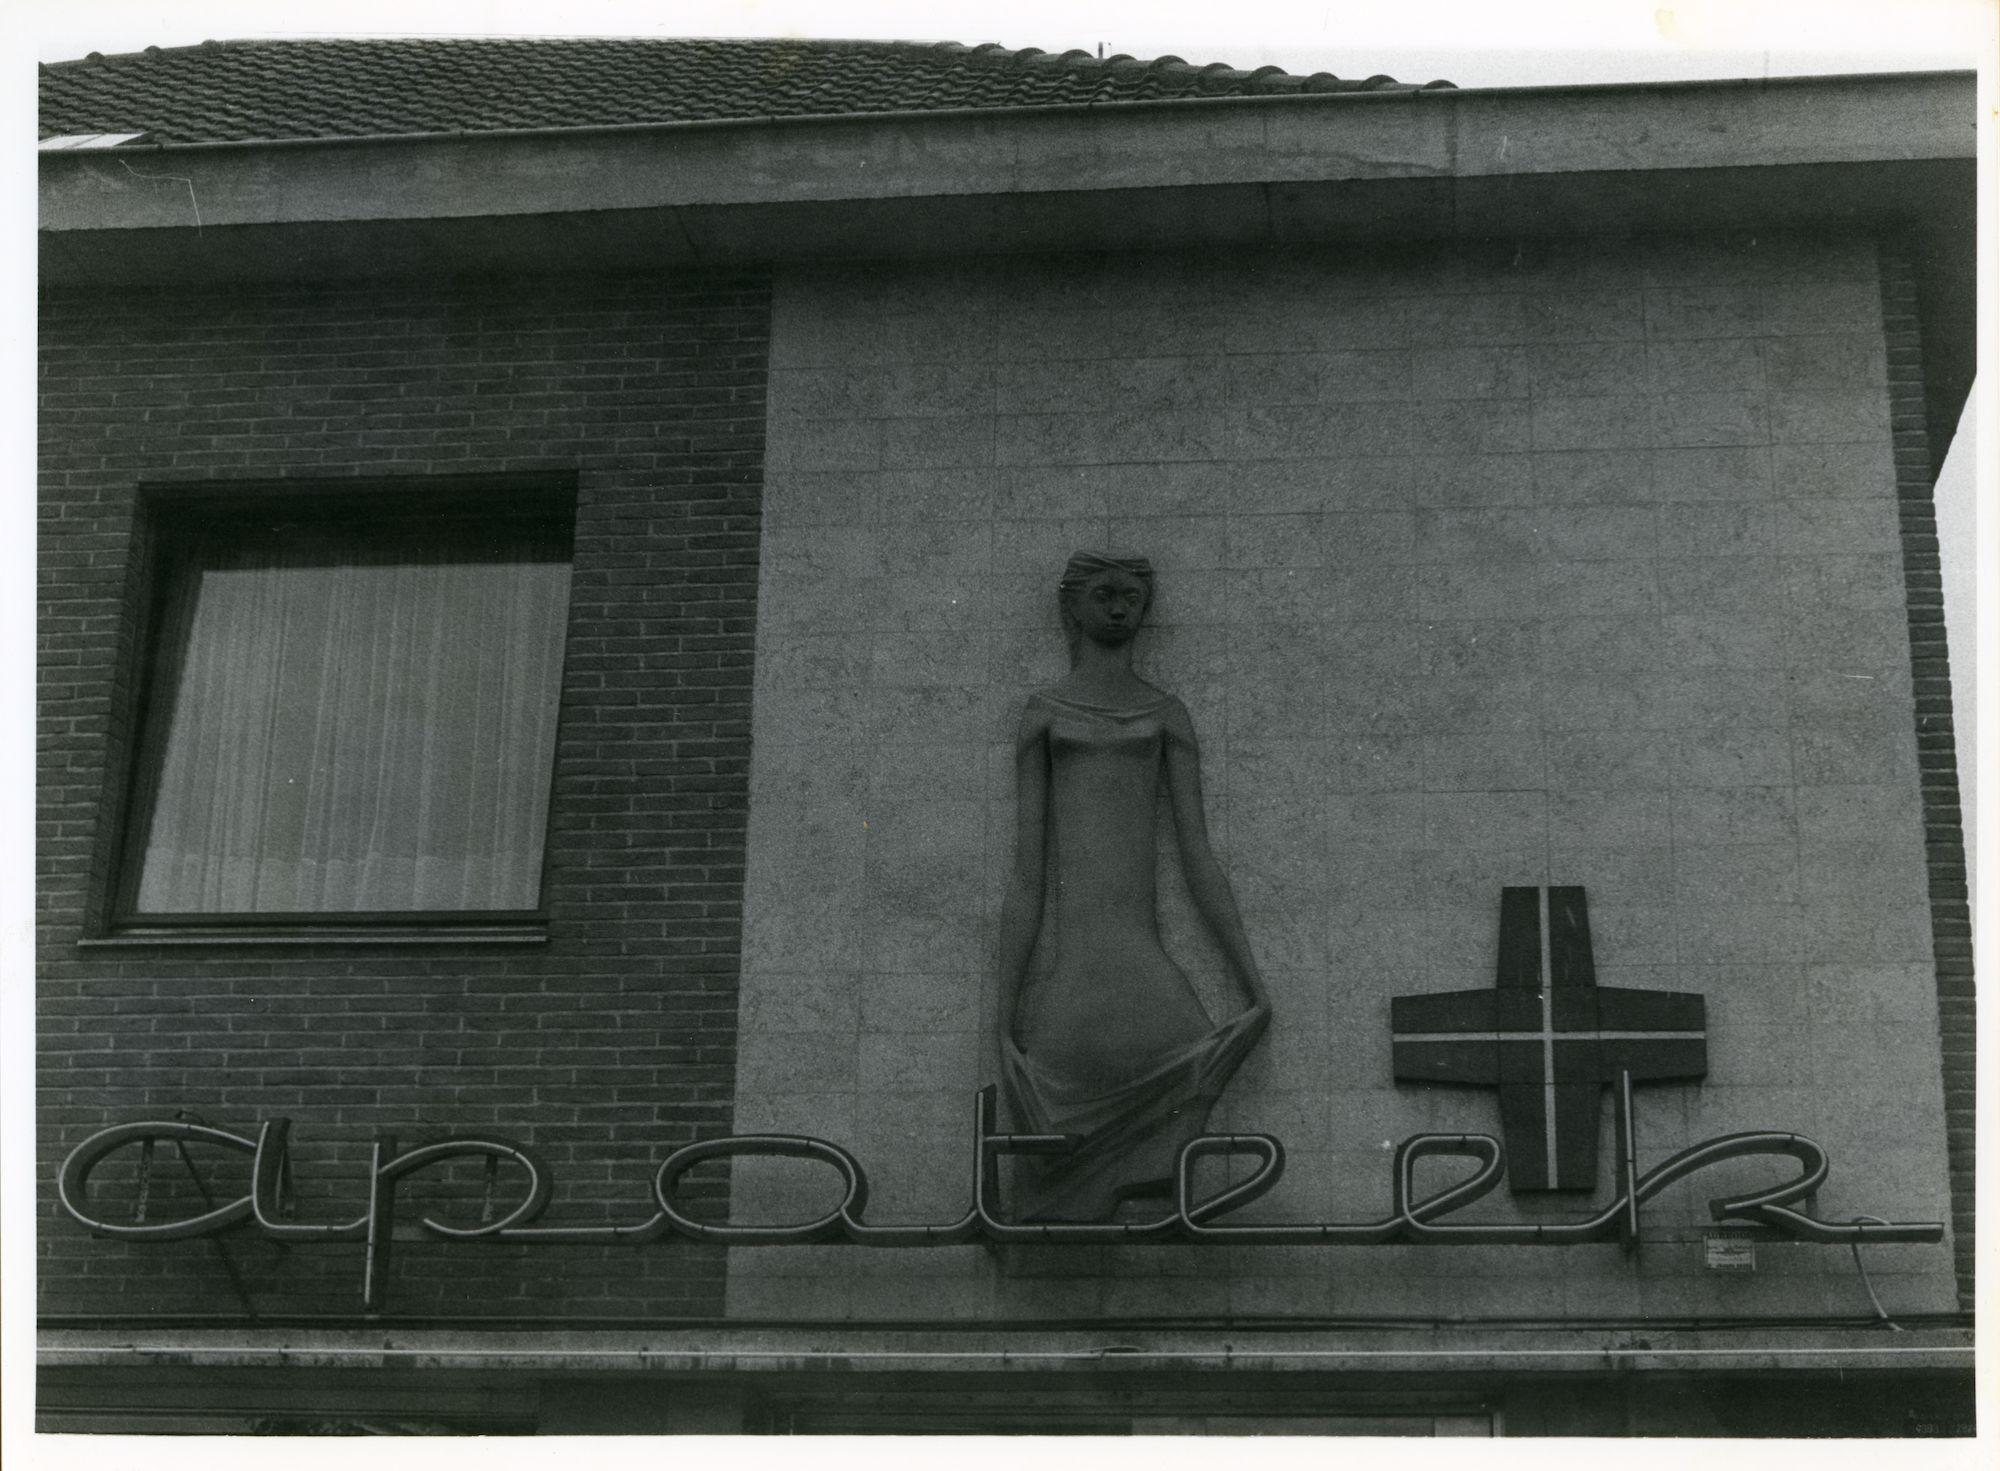 Gentbrugge: Braemkasteelstraat 2: Beeldhouwwerk, 1979